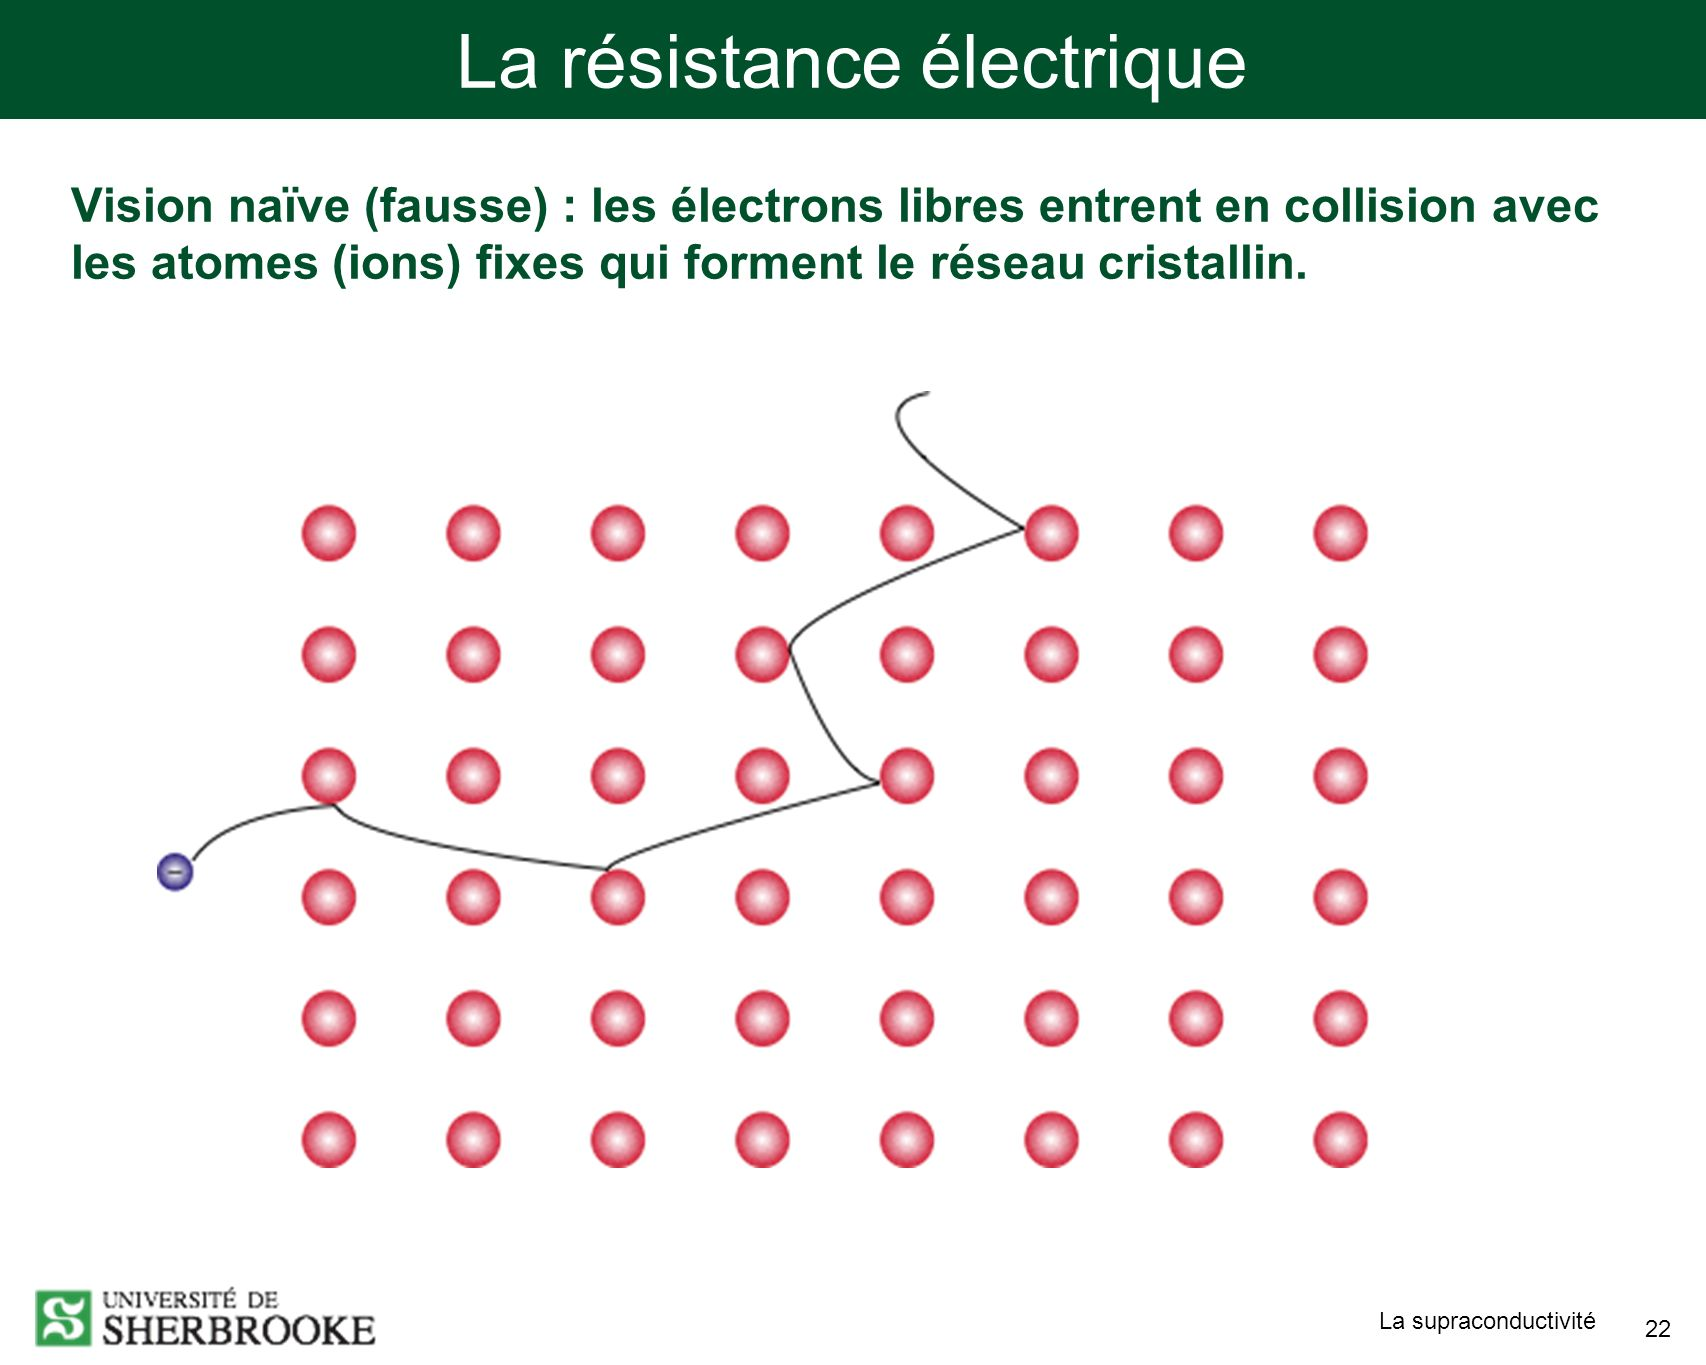 La supraconductivité 22 La résistance électrique Vision naïve (fausse) : les électrons libres entrent en collision avec les atomes (ions) fixes qui forment le réseau cristallin.